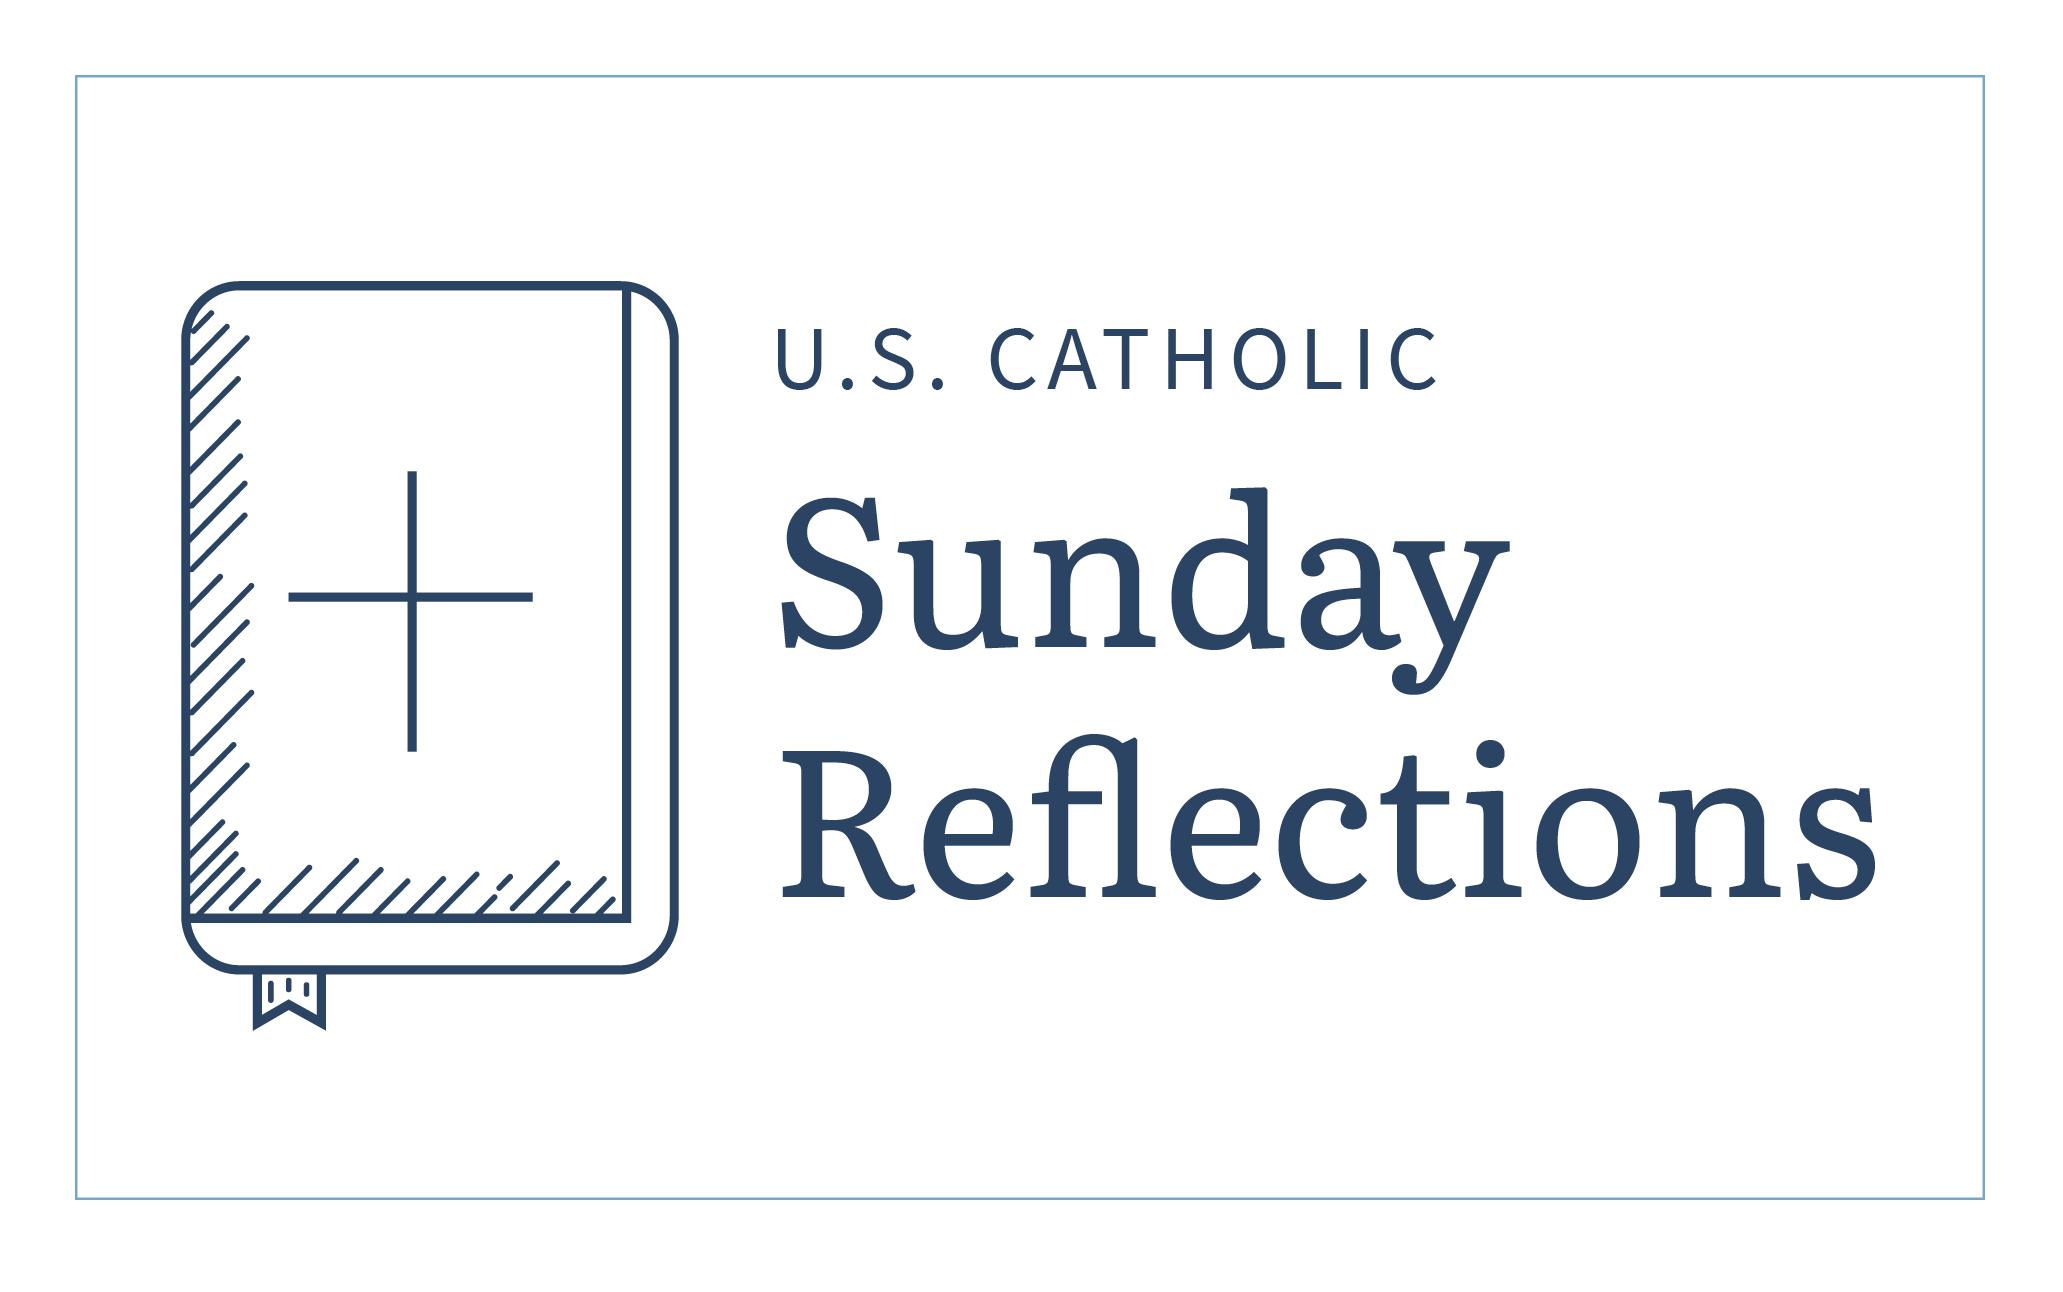 U.S. Catholic Sunday Reflections